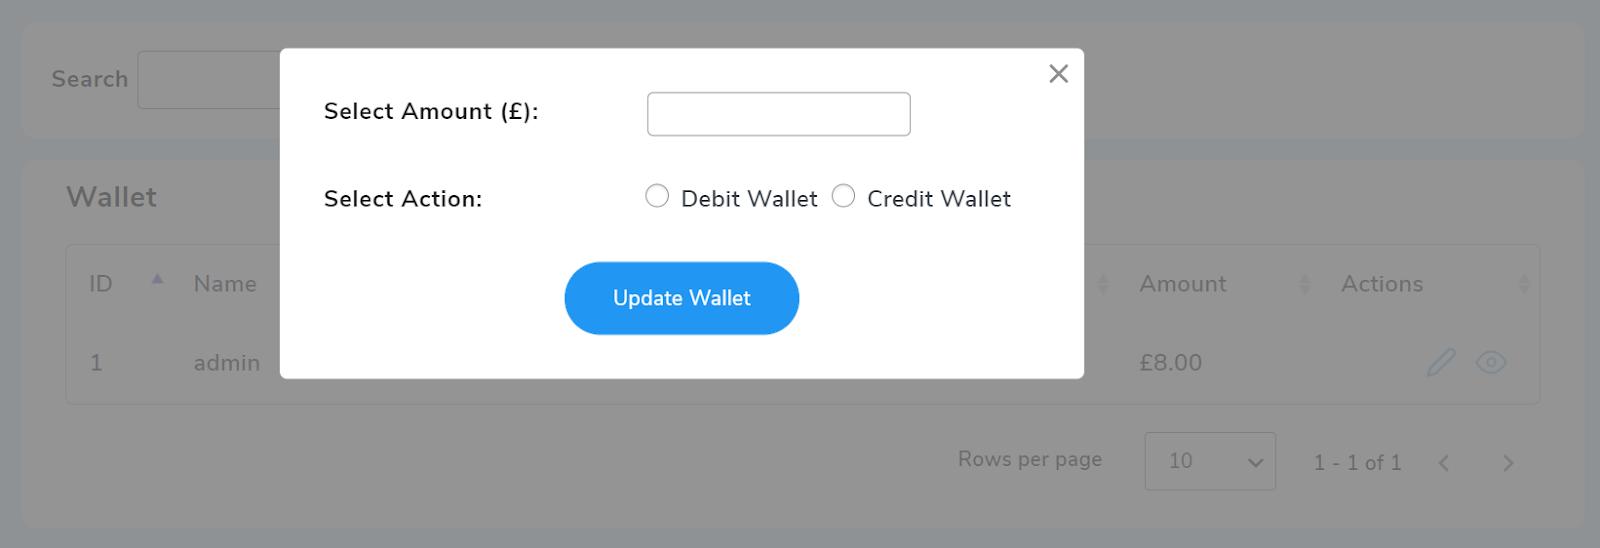 update wallet